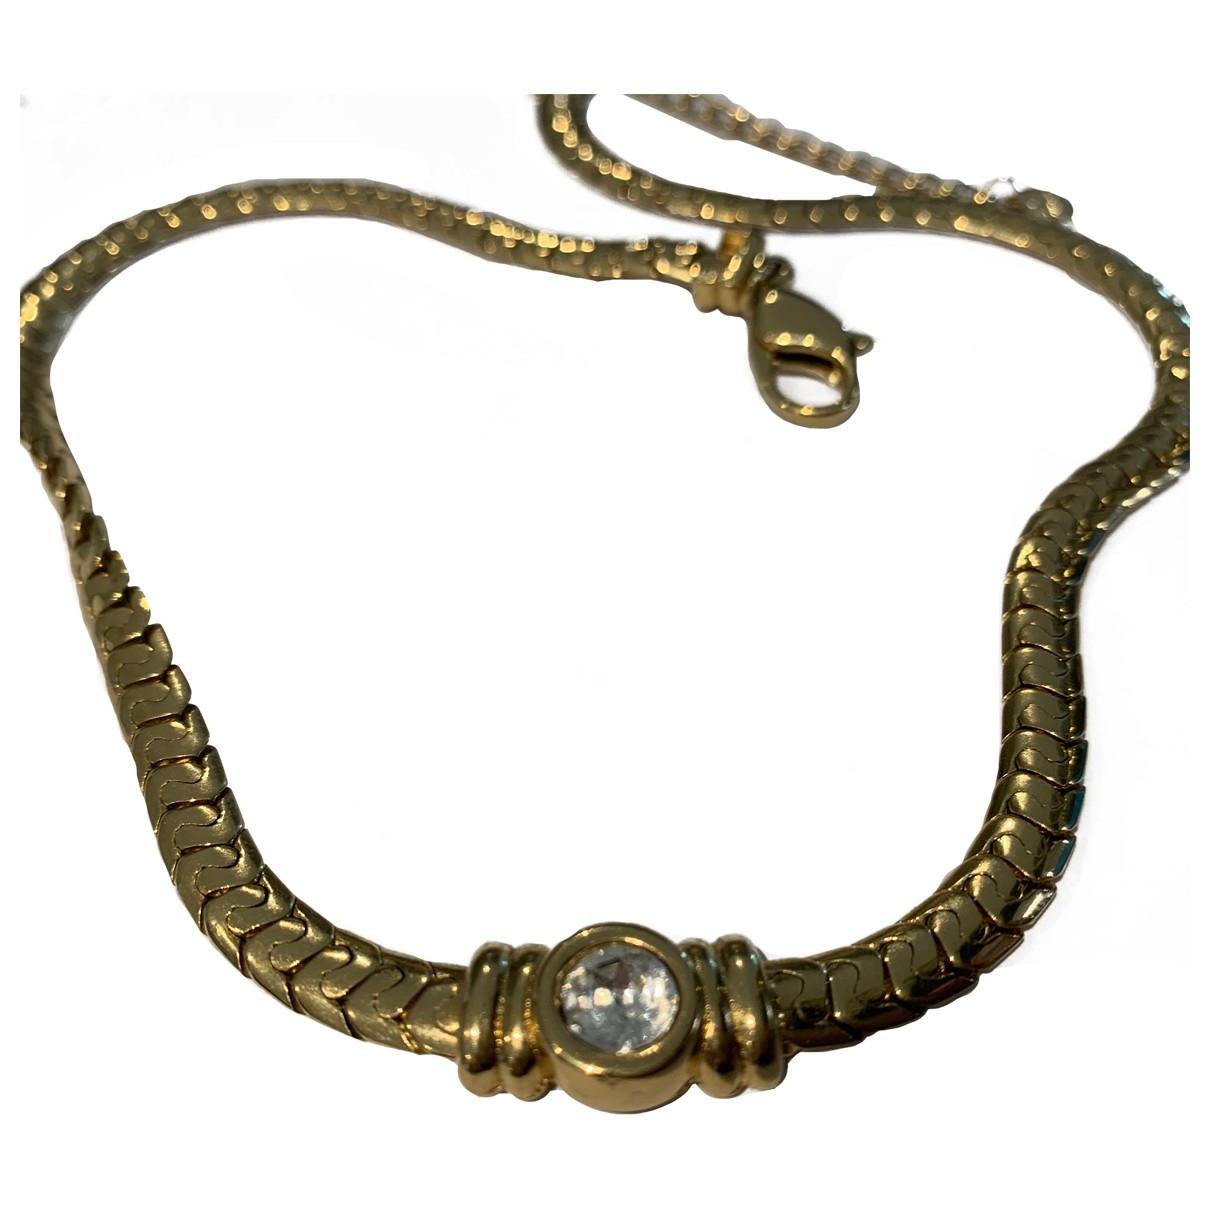 Grosse - Collier   pour femme en plaque or - dore